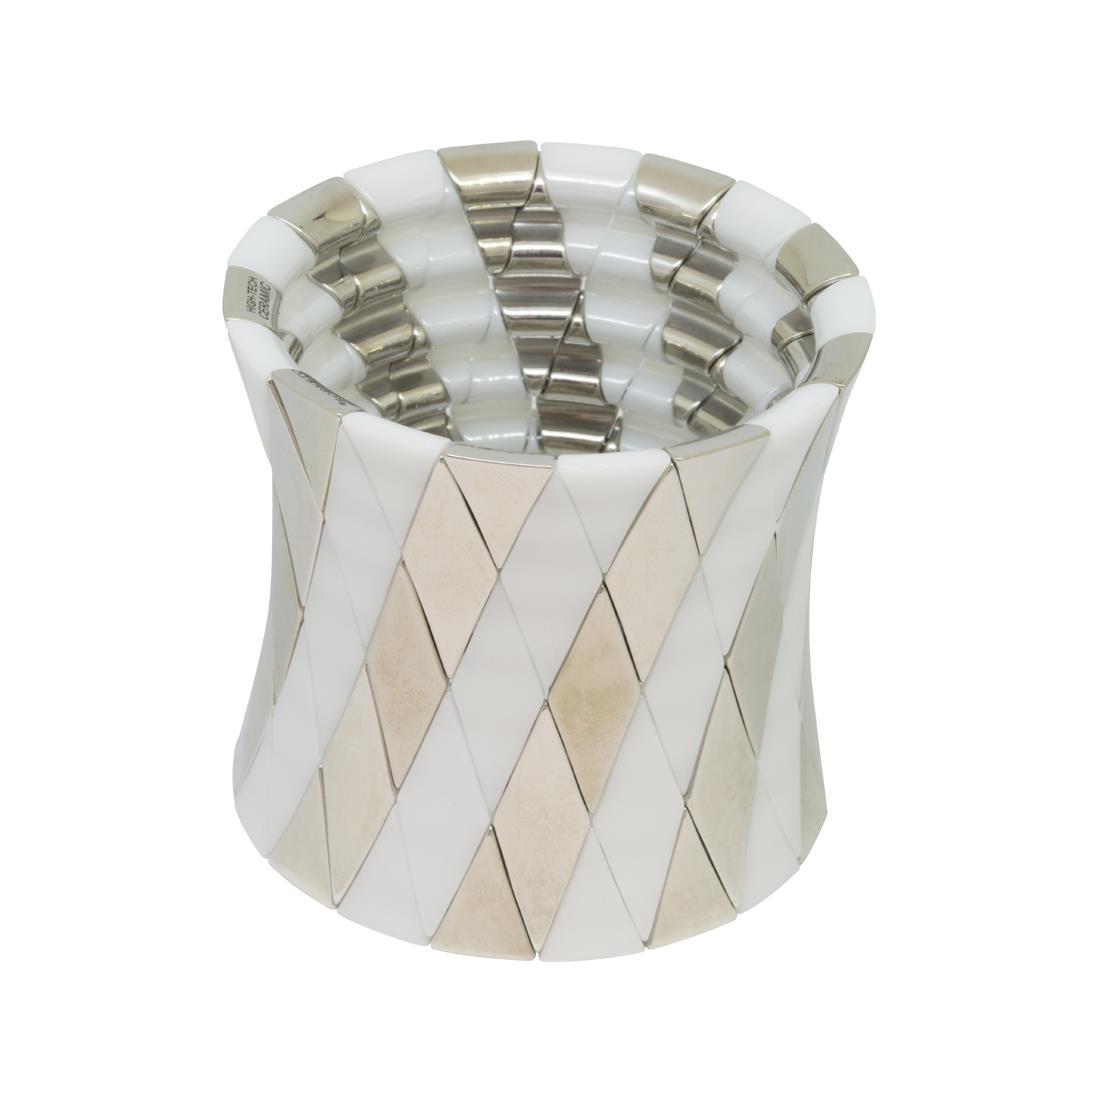 Bracciale rigido in ceramica - ROBERTO DEMEGLIO